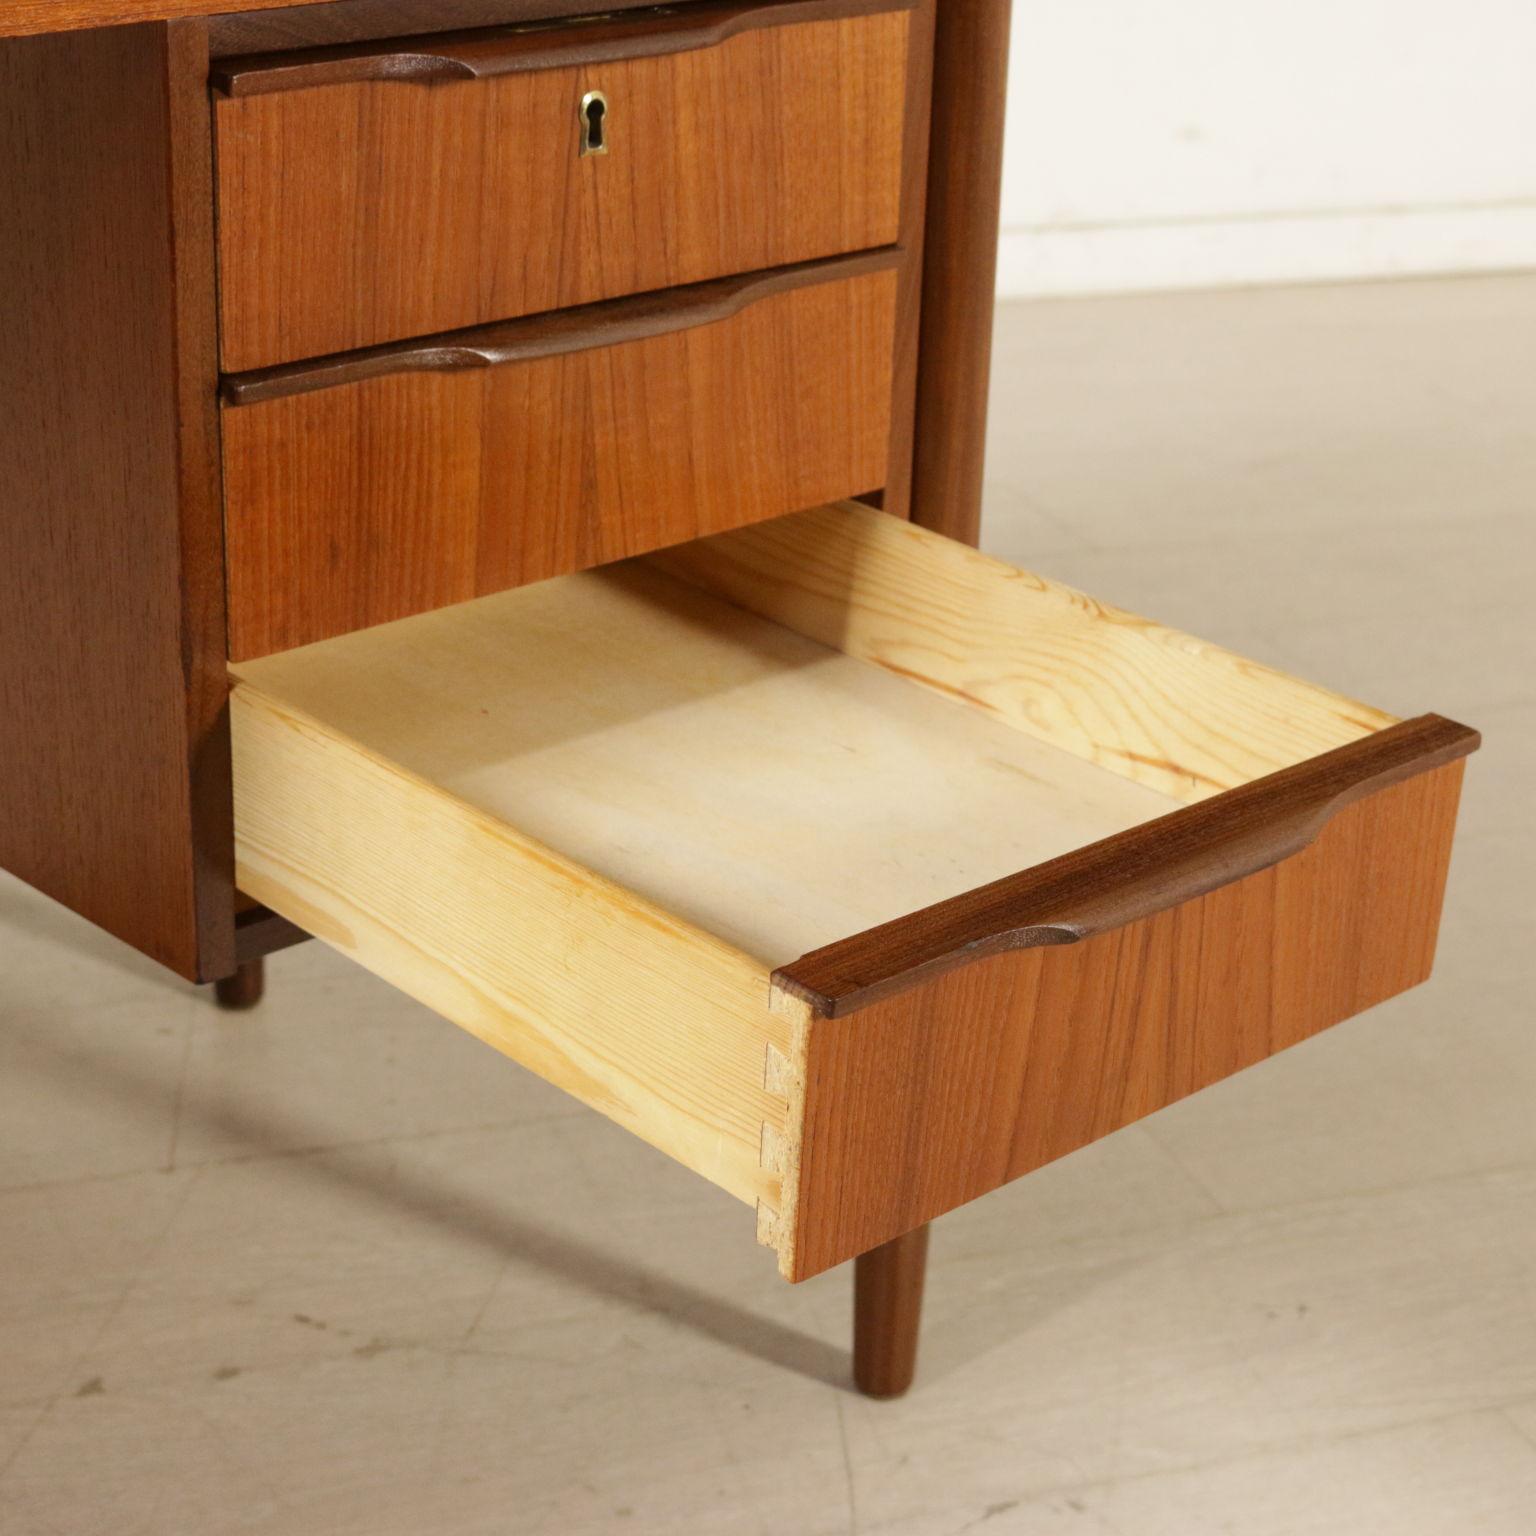 Schreibtisch 60er jahre - Exquisit mobel koln ...